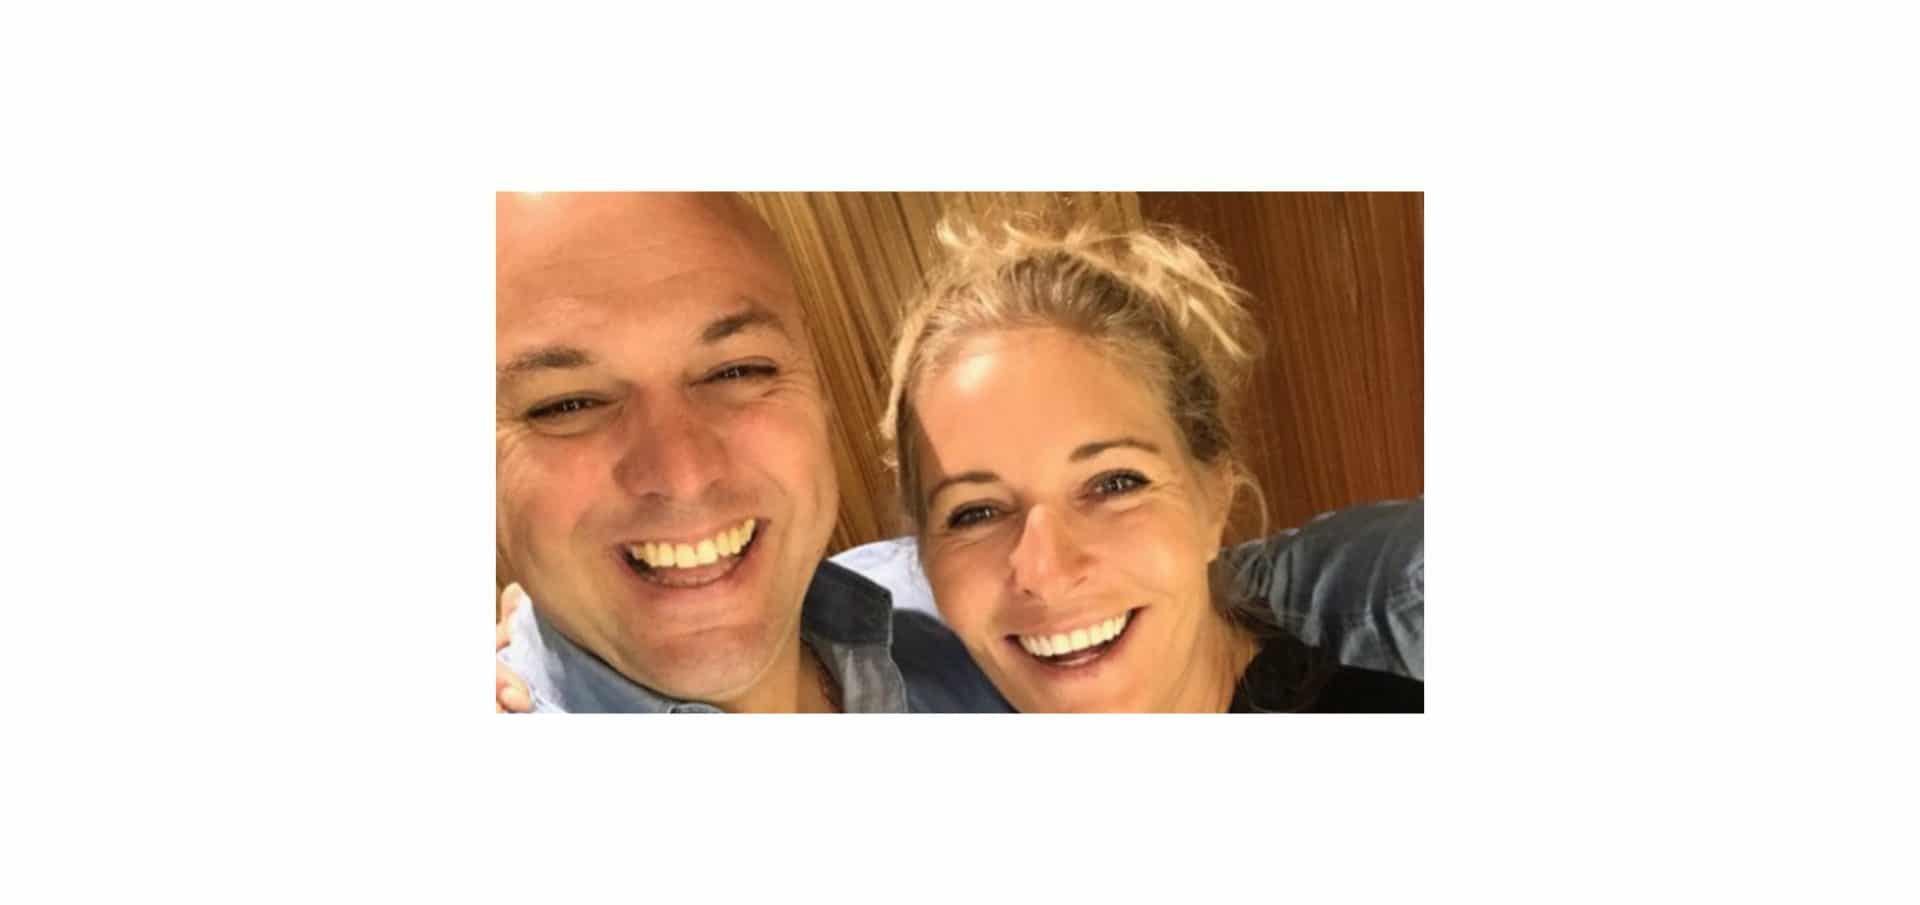 Frans-Bauer blij met haartransplantatie